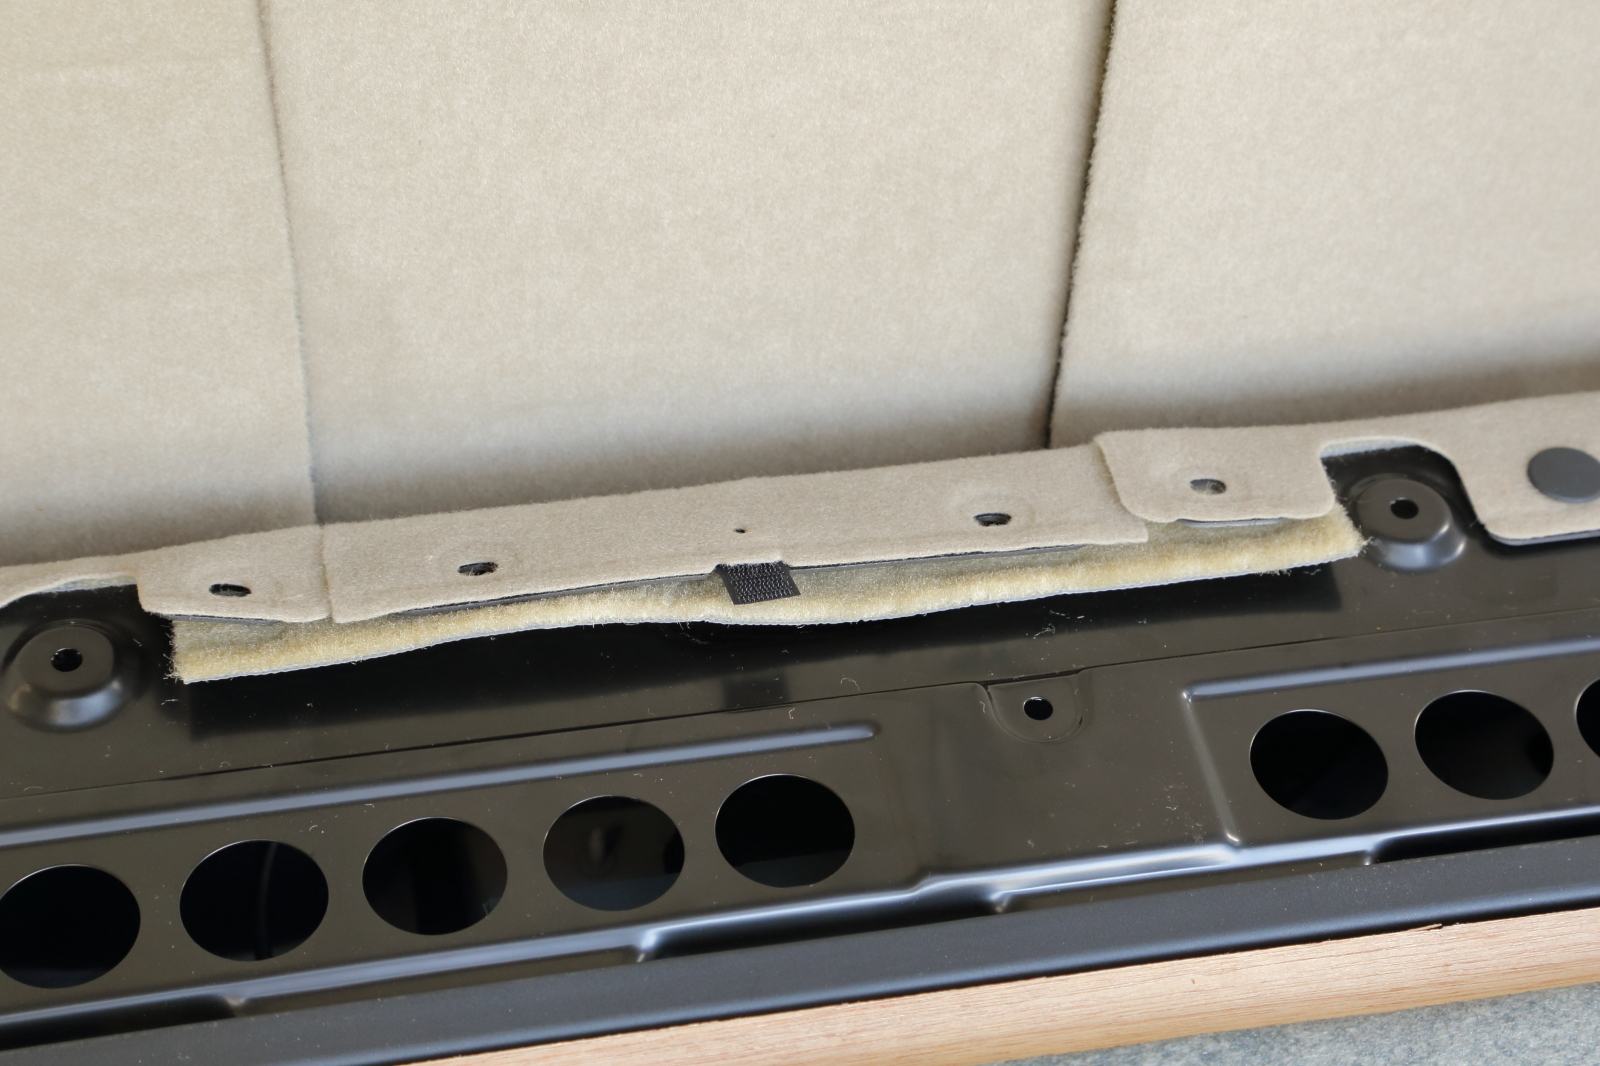 車内カーペットを固定しているクリップの取り外し